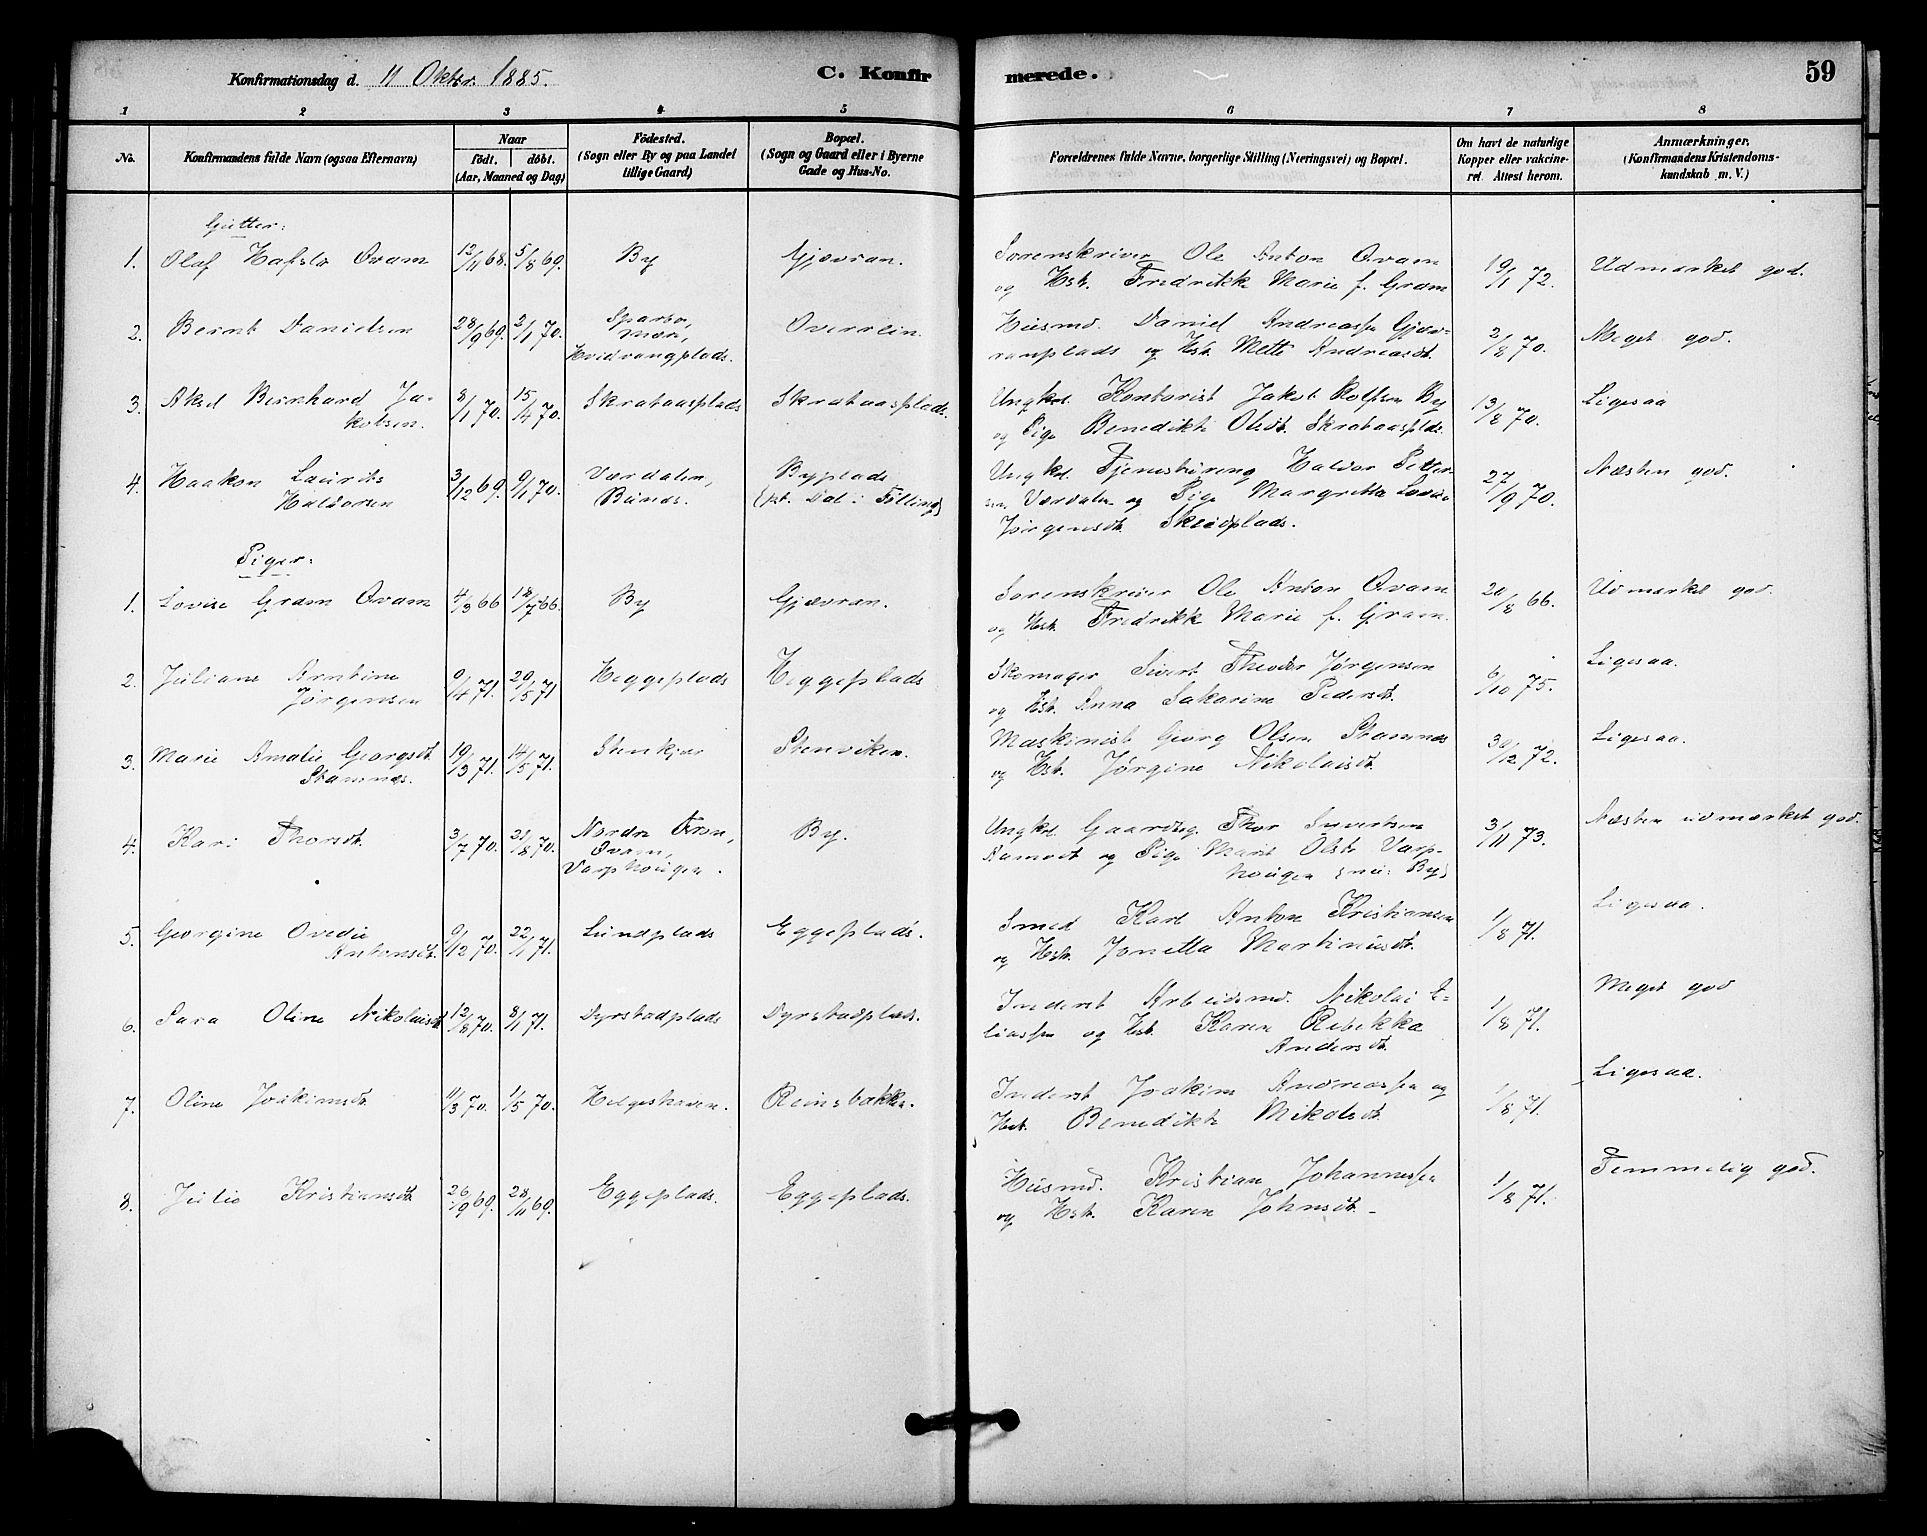 SAT, Ministerialprotokoller, klokkerbøker og fødselsregistre - Nord-Trøndelag, 740/L0378: Ministerialbok nr. 740A01, 1881-1895, s. 59